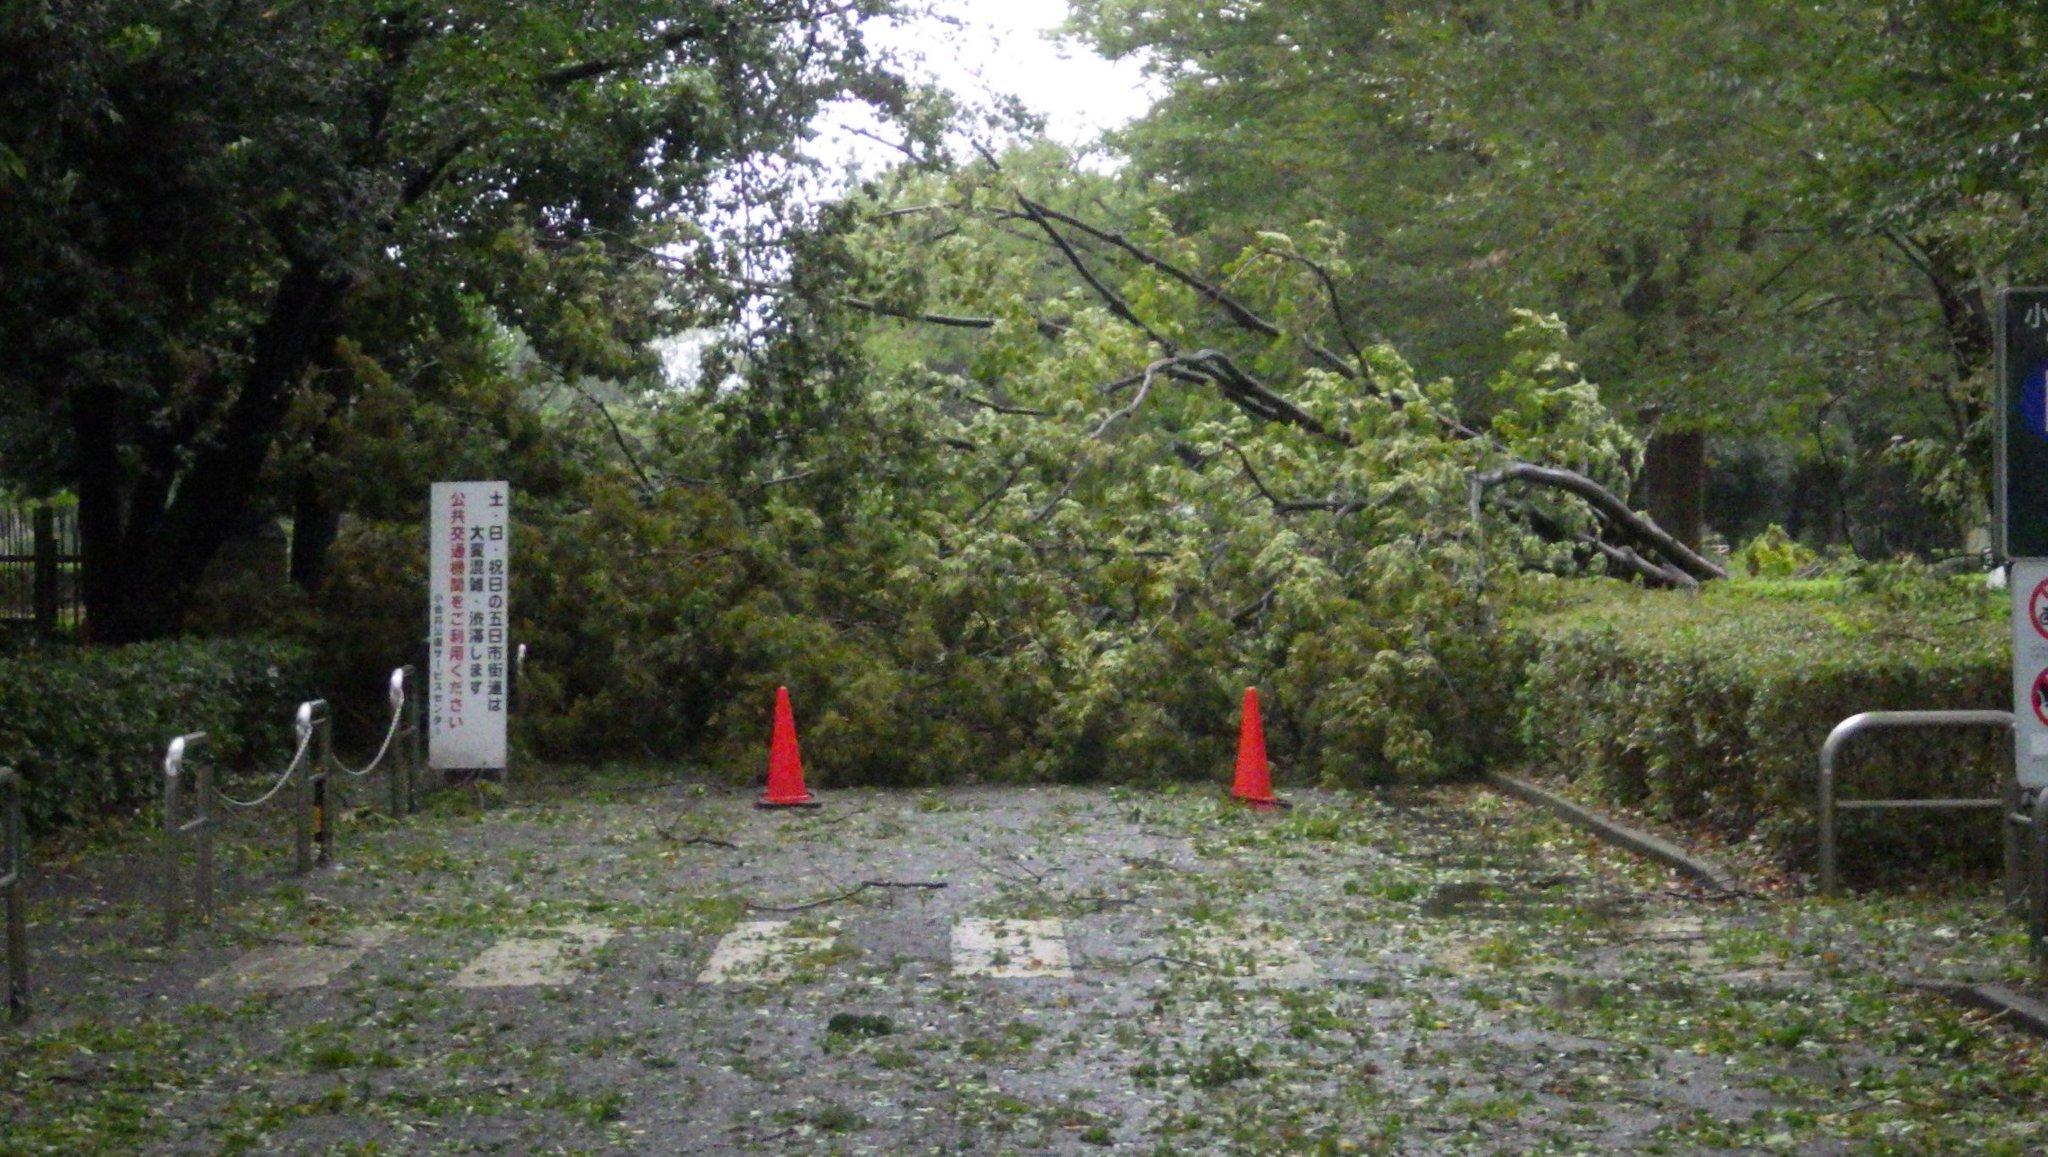 画像,【第二駐車場をご利用の皆様へ】台風15号の影響によるケヤキの倒木のため、第二駐車場の入口がふさがれ、ご利用いただけない状況です。ご不便をおかけいたしますが、なに…